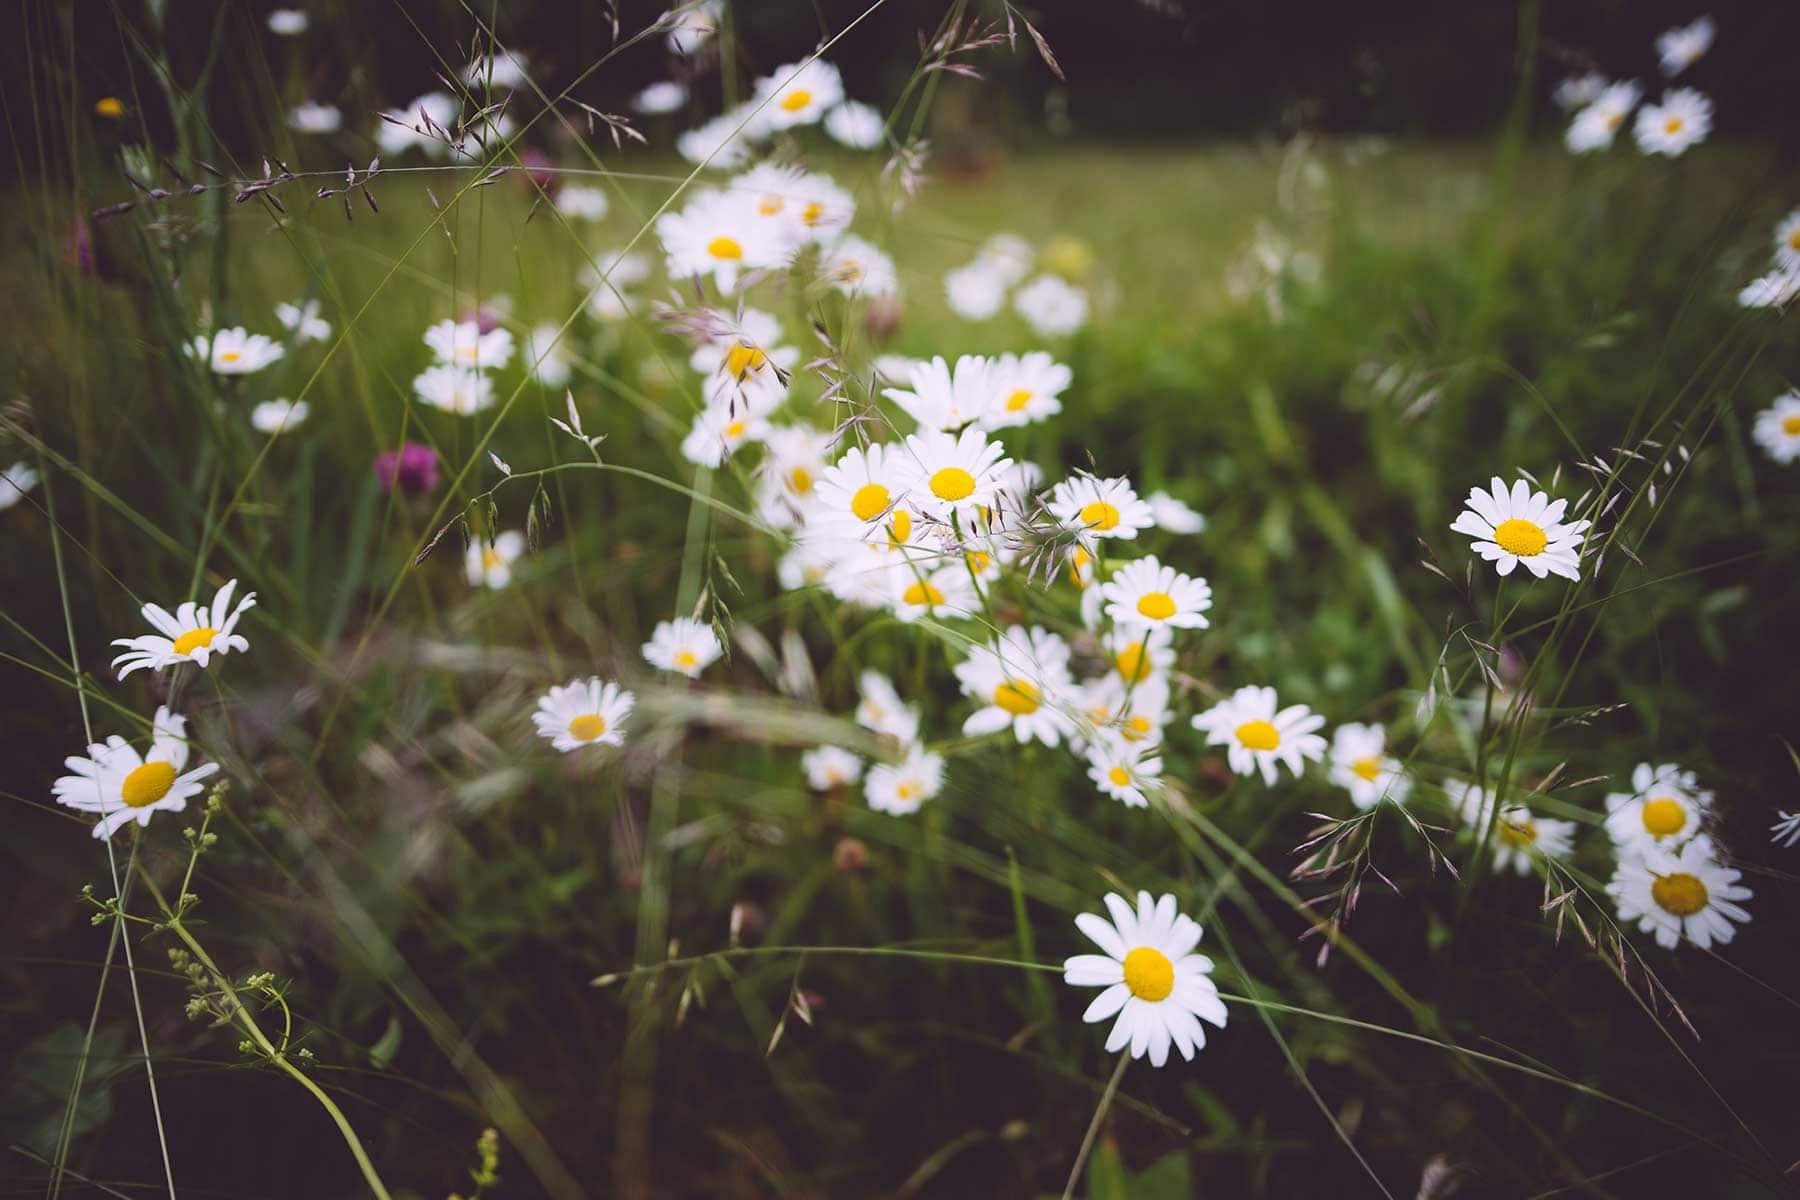 Upplev-floran-Västkusten-i-Sverige-med-Nygren-Lind-Resebyrå